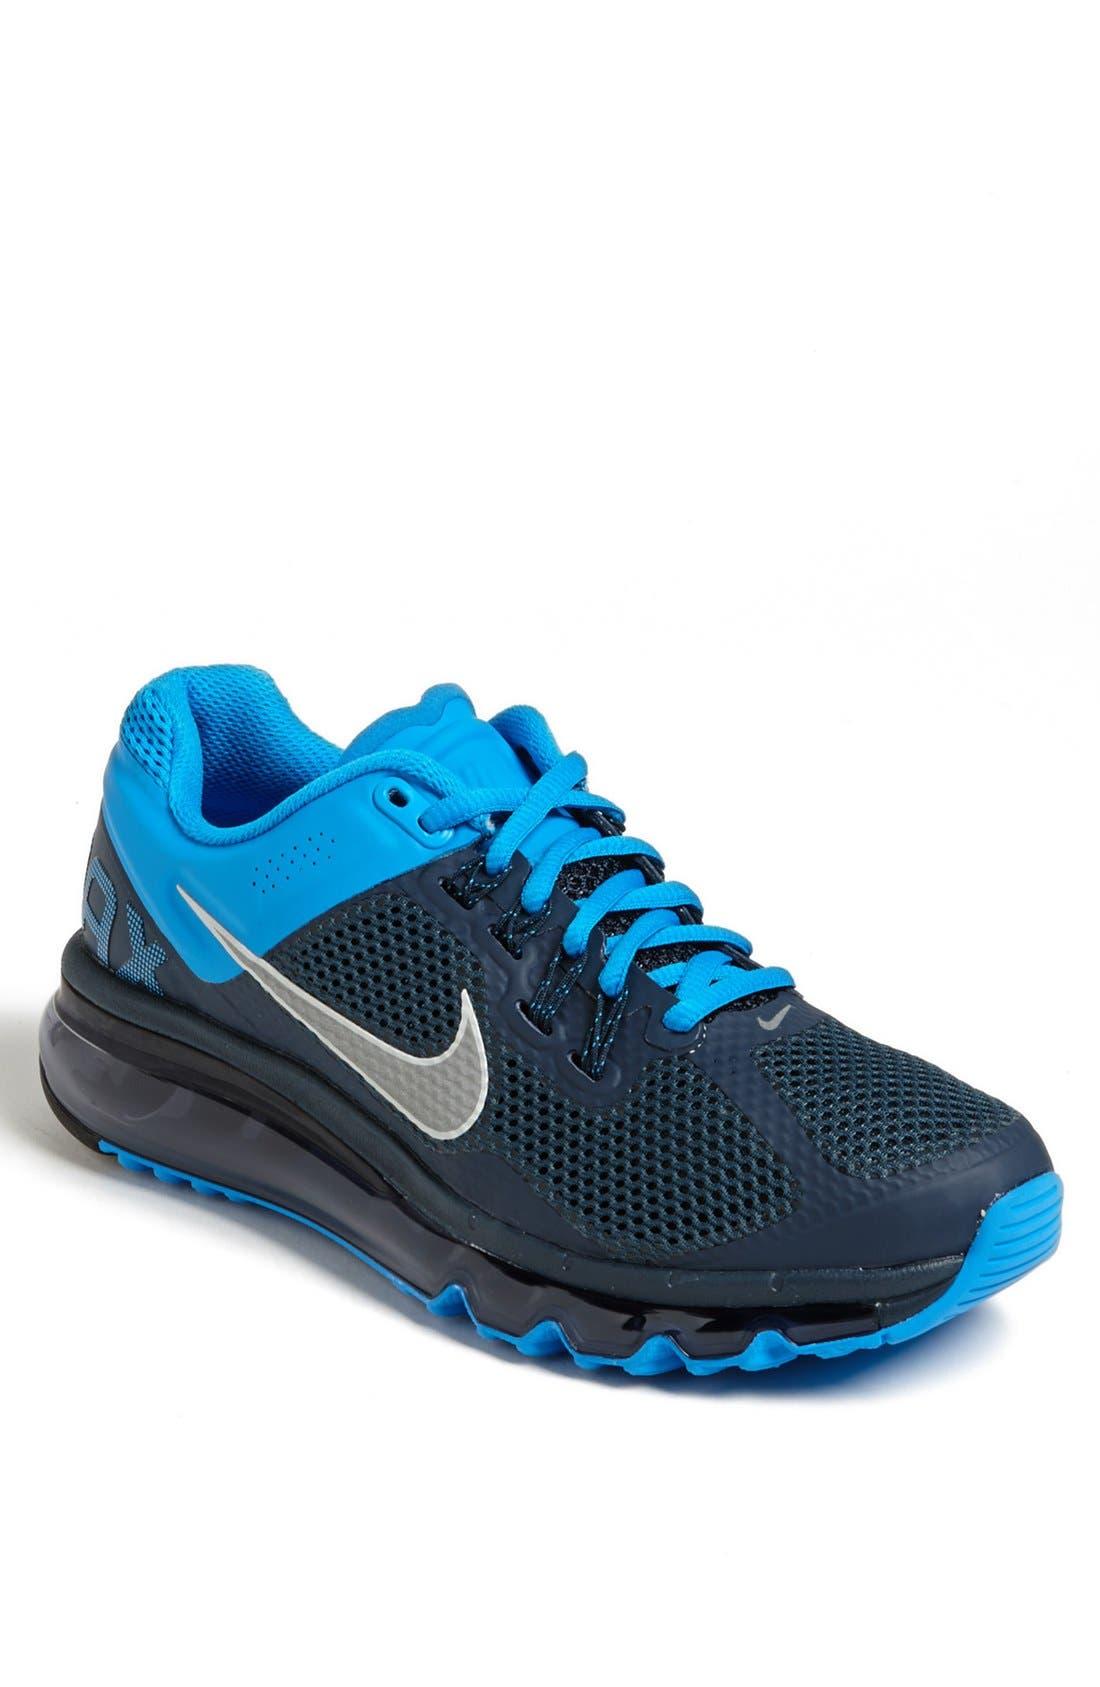 Alternate Image 1 Selected - Nike 'Air Max+ 2013' Running Shoe (Men)